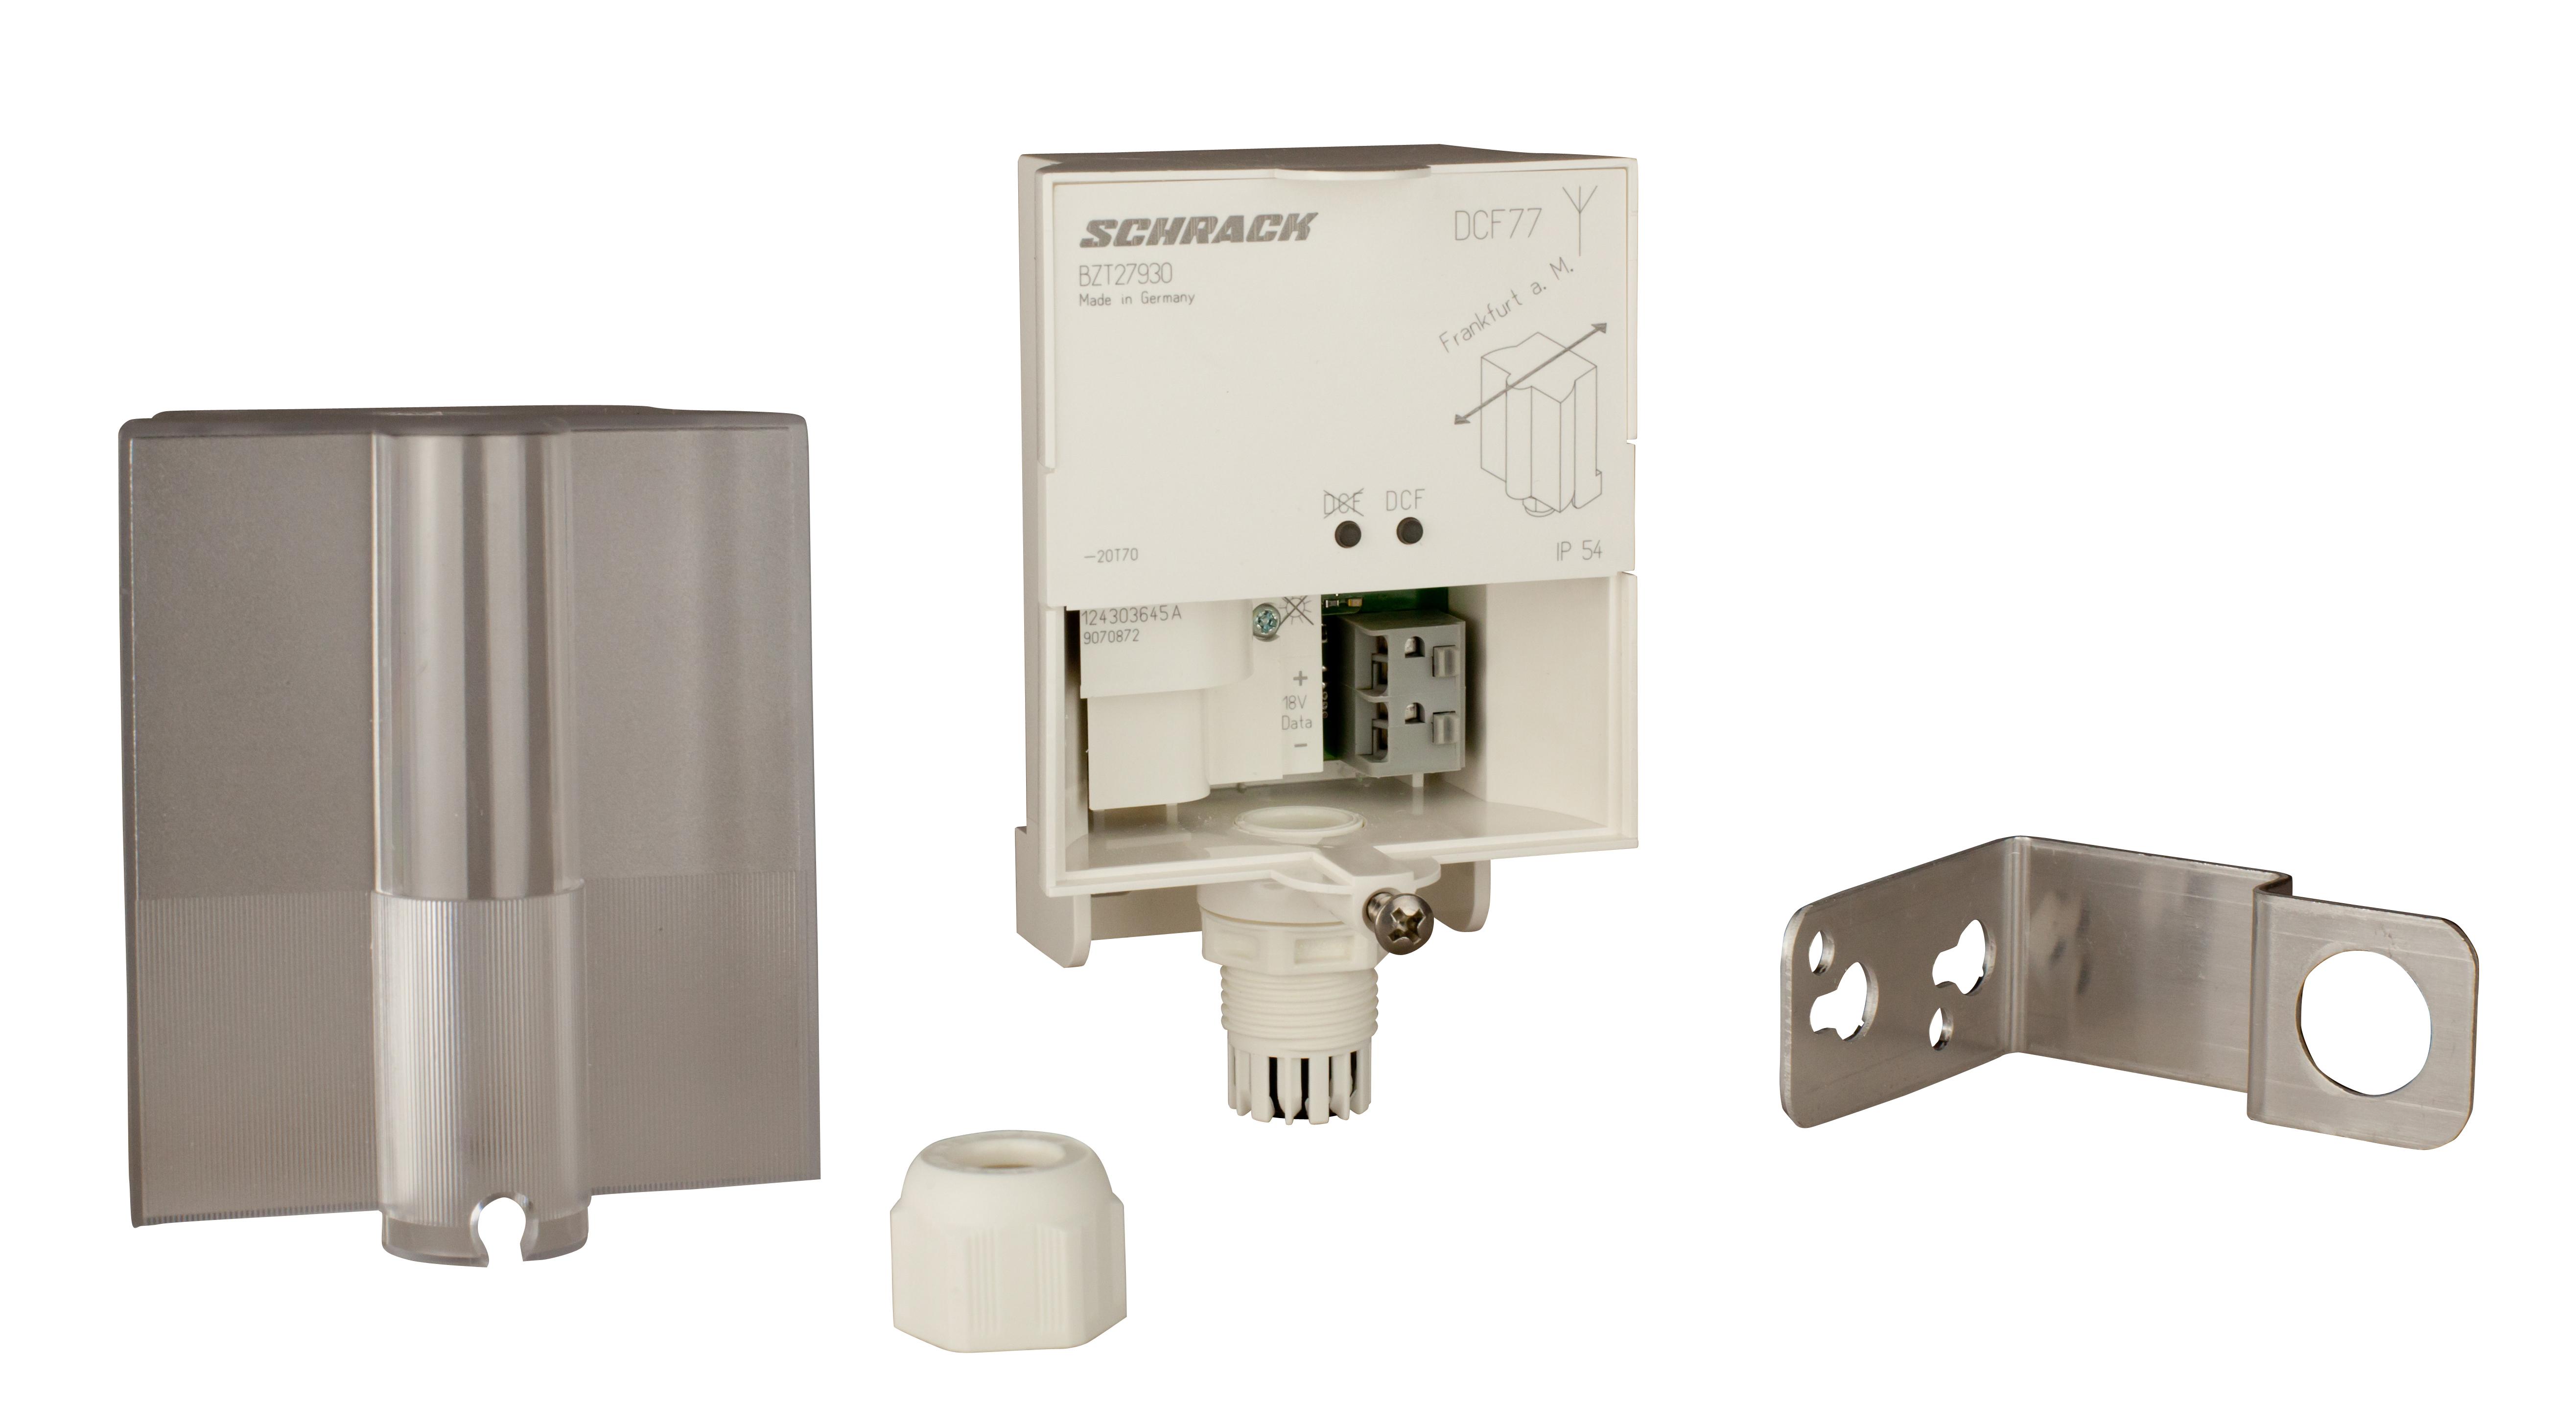 1 Stk DCF Antenne für Jahresschaltuhr BZT27930--